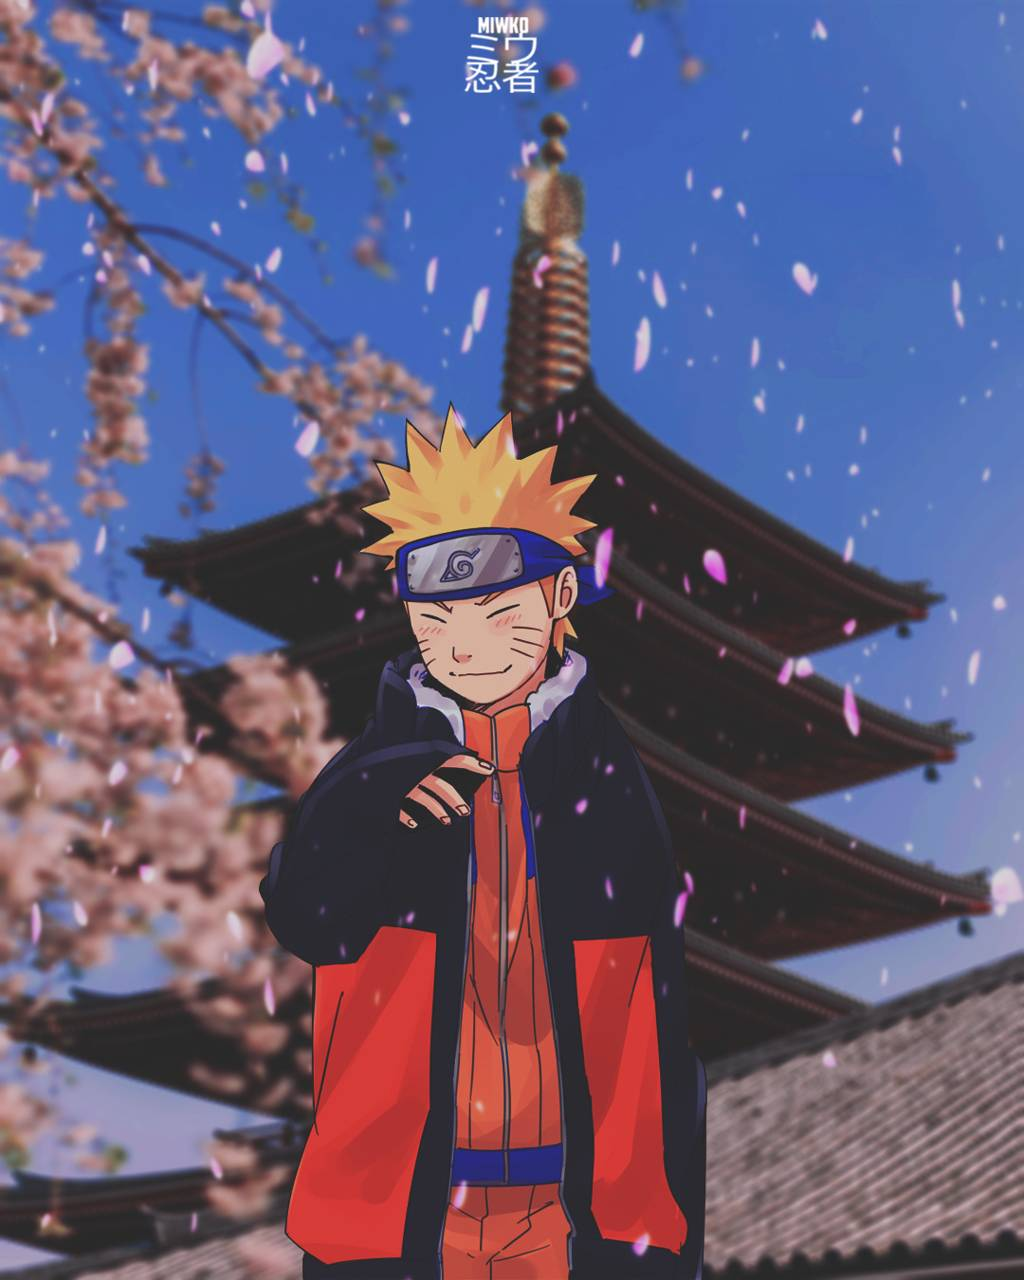 Cute Naruto Wallpaper By Miwkoninja Fd Free On Zedge